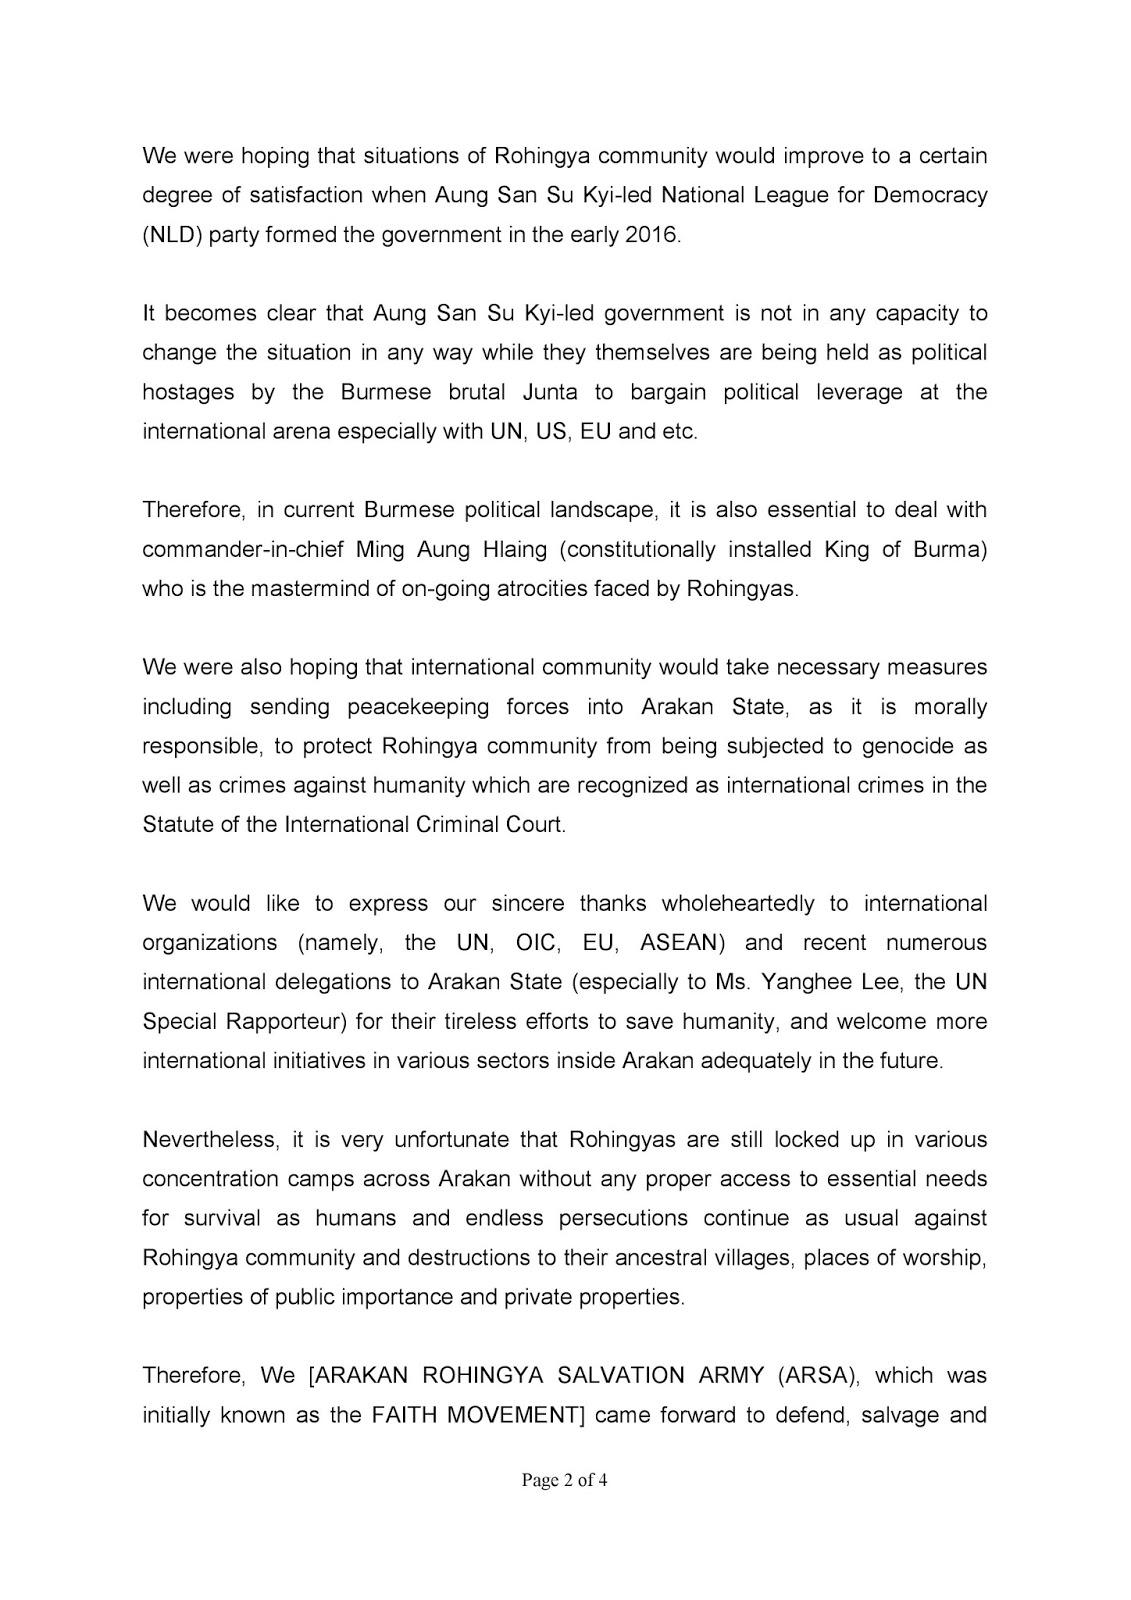 Rohingya Blogger: Statement of Arakan Rohingya Salvation Army